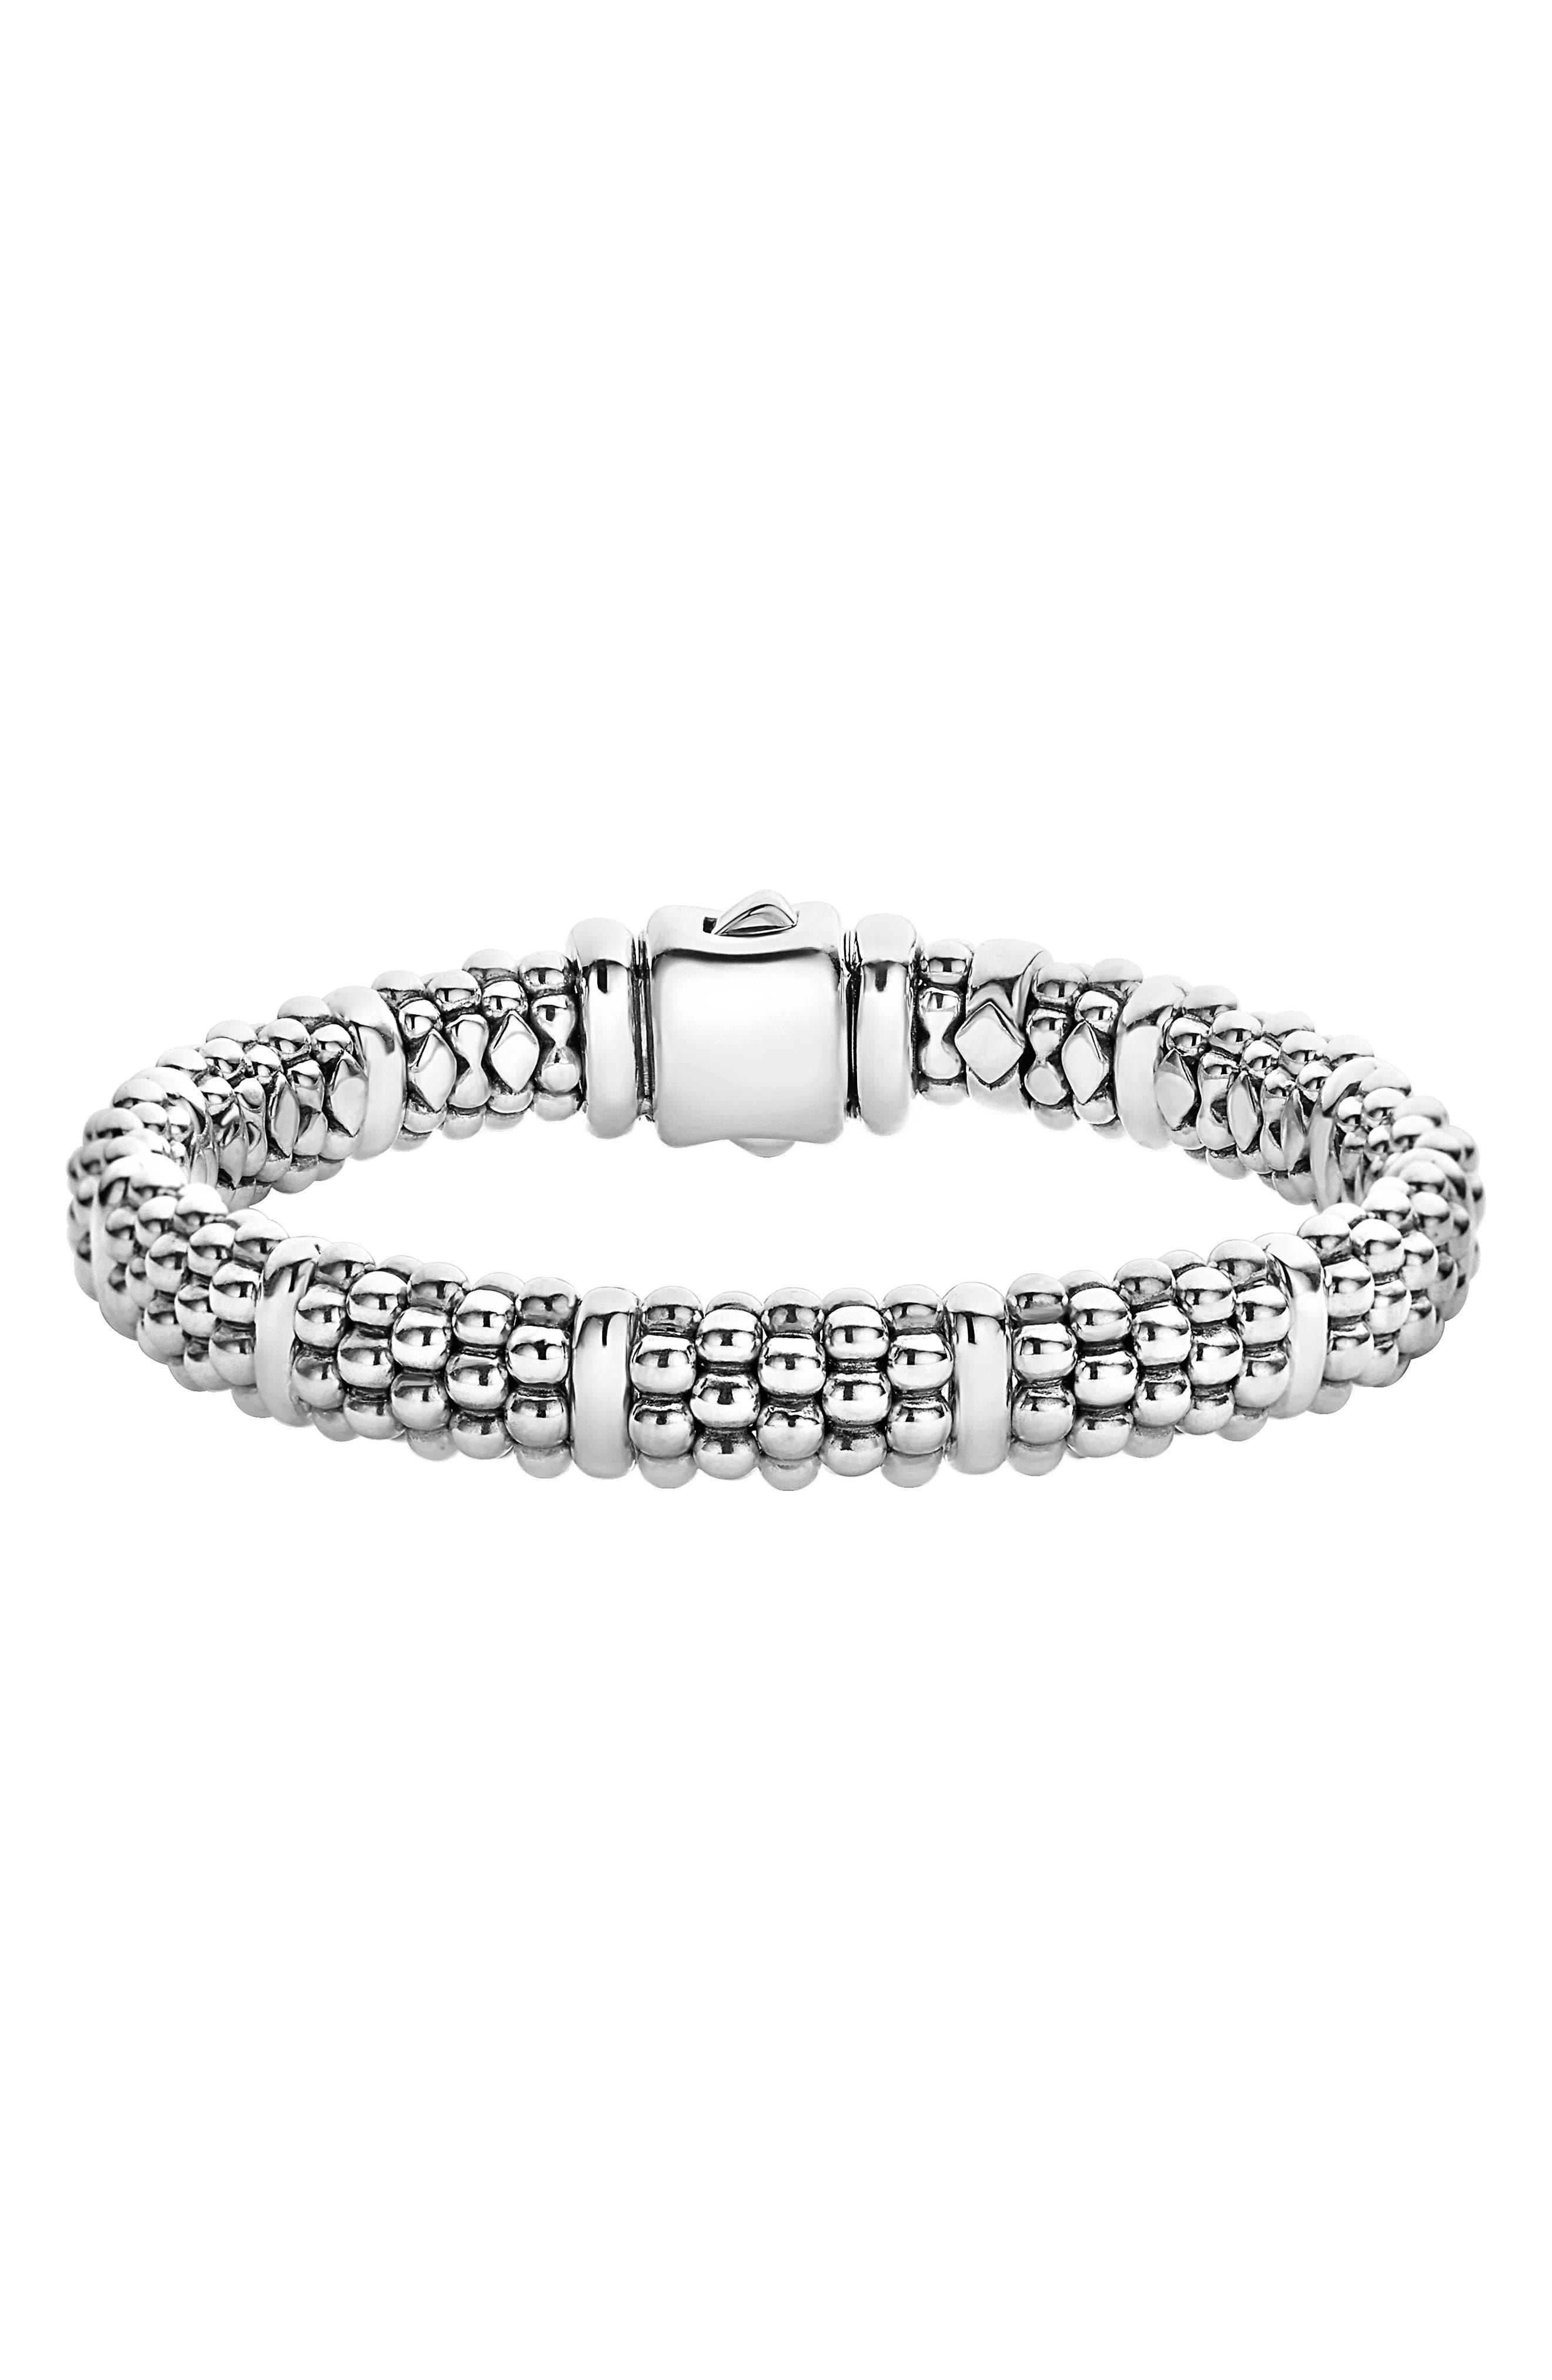 Main Image - LAGOS Oval Rope Caviar Bracelet